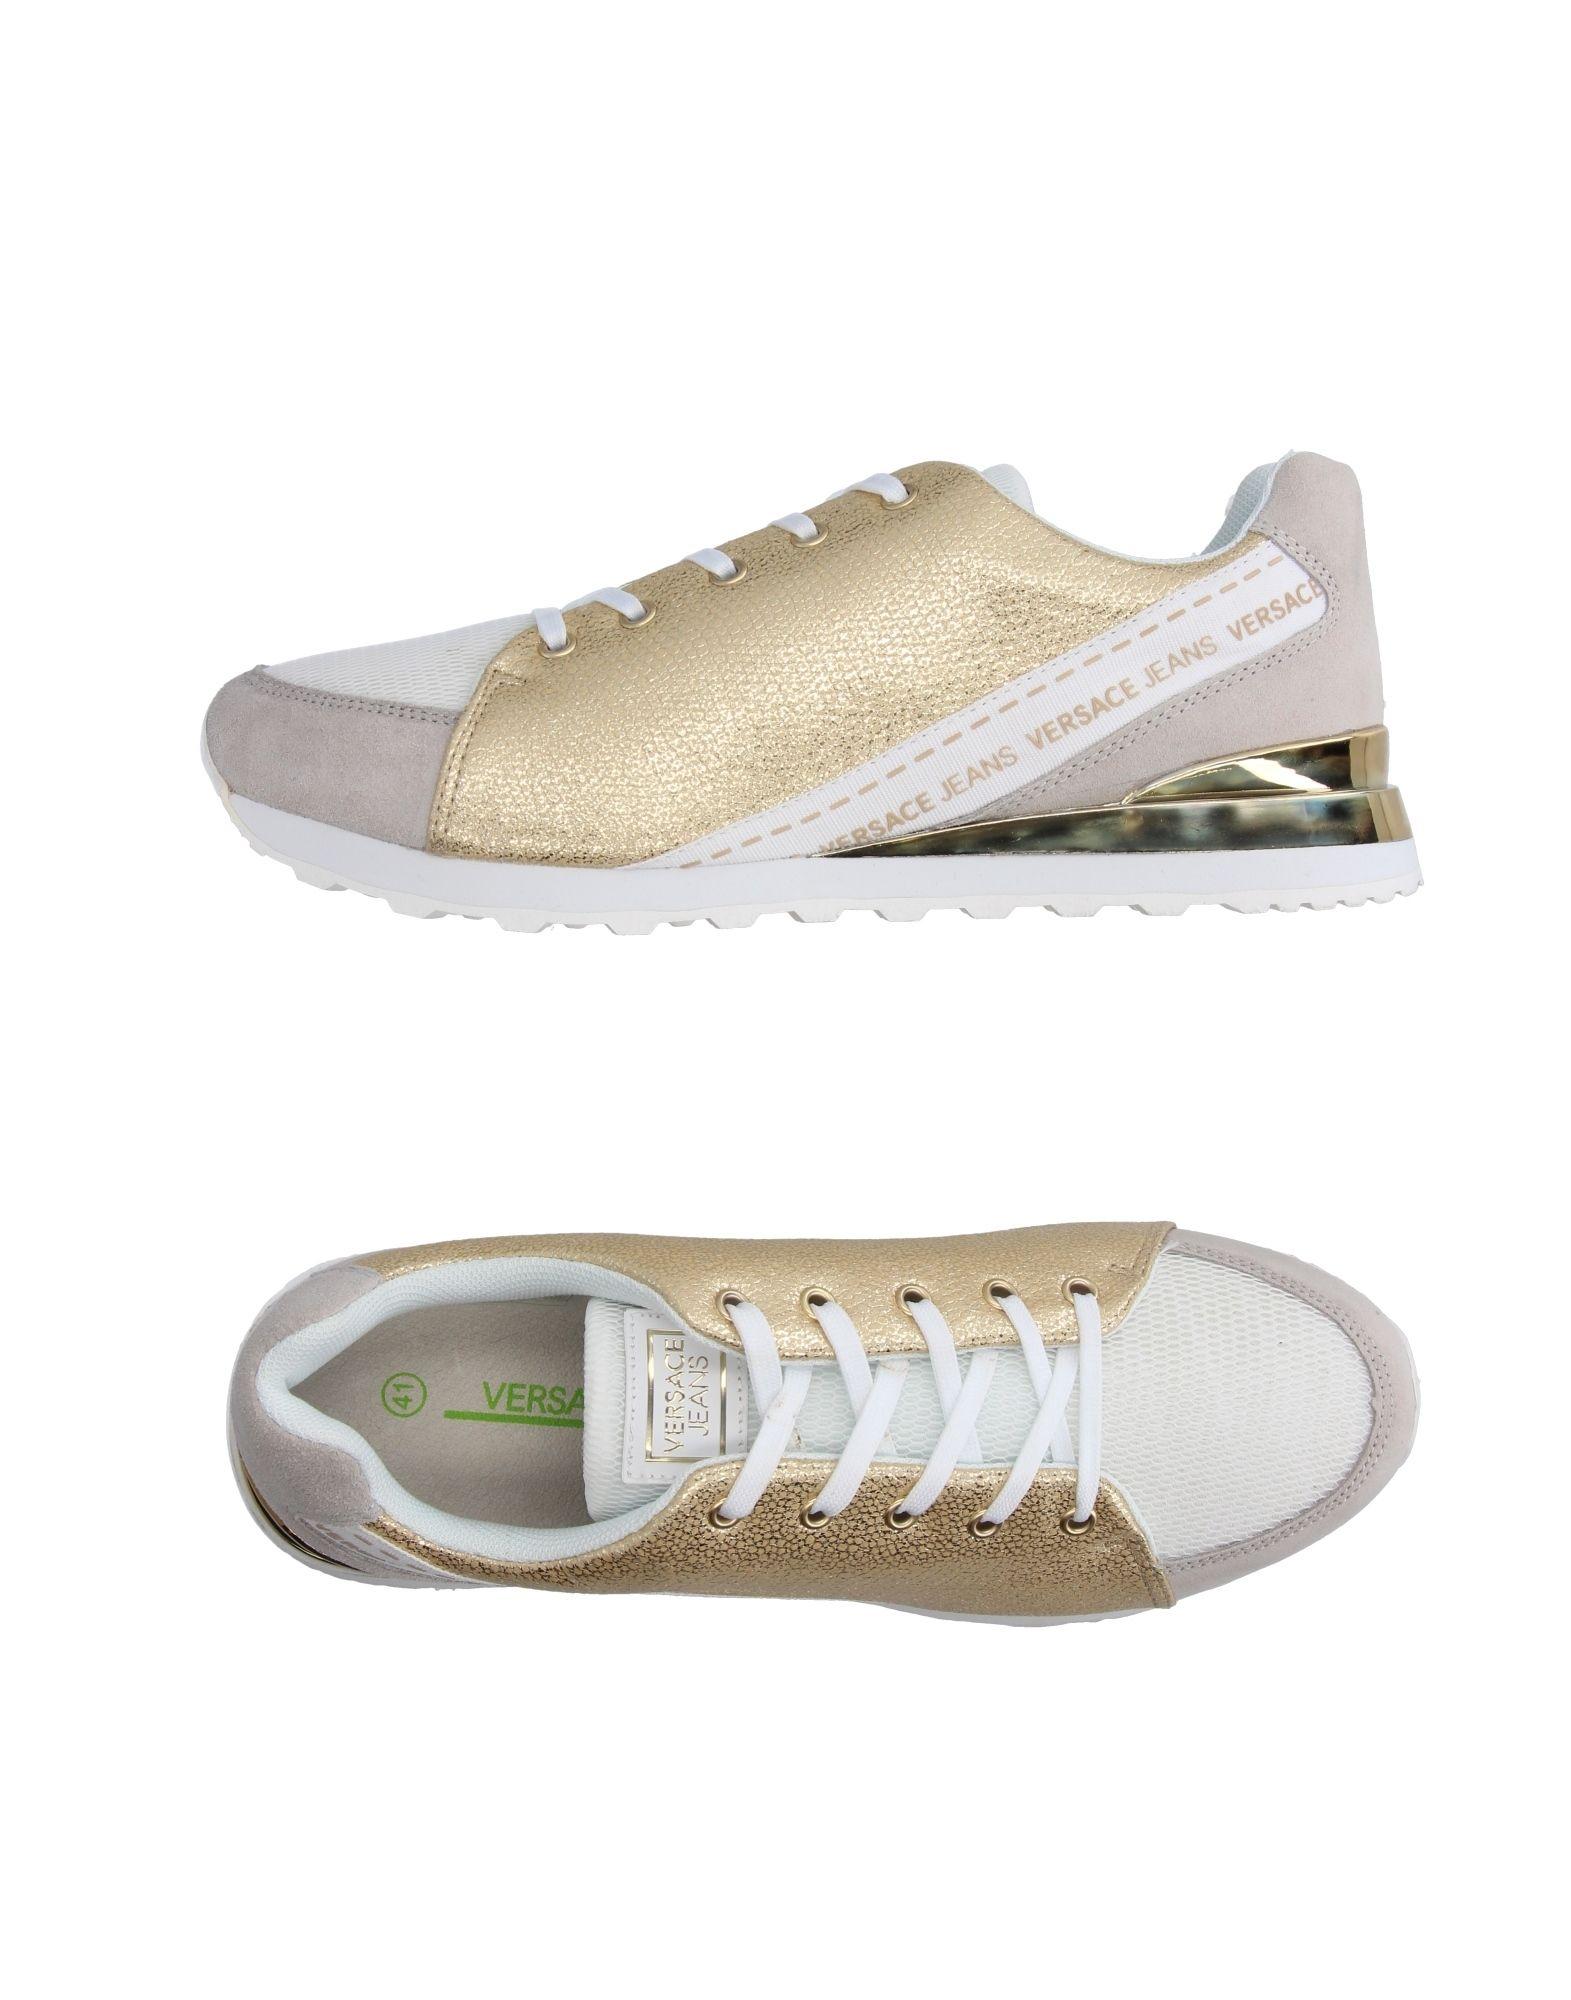 Versace Jeans Sneakers Damen  11202365DW Gute Qualität beliebte Schuhe